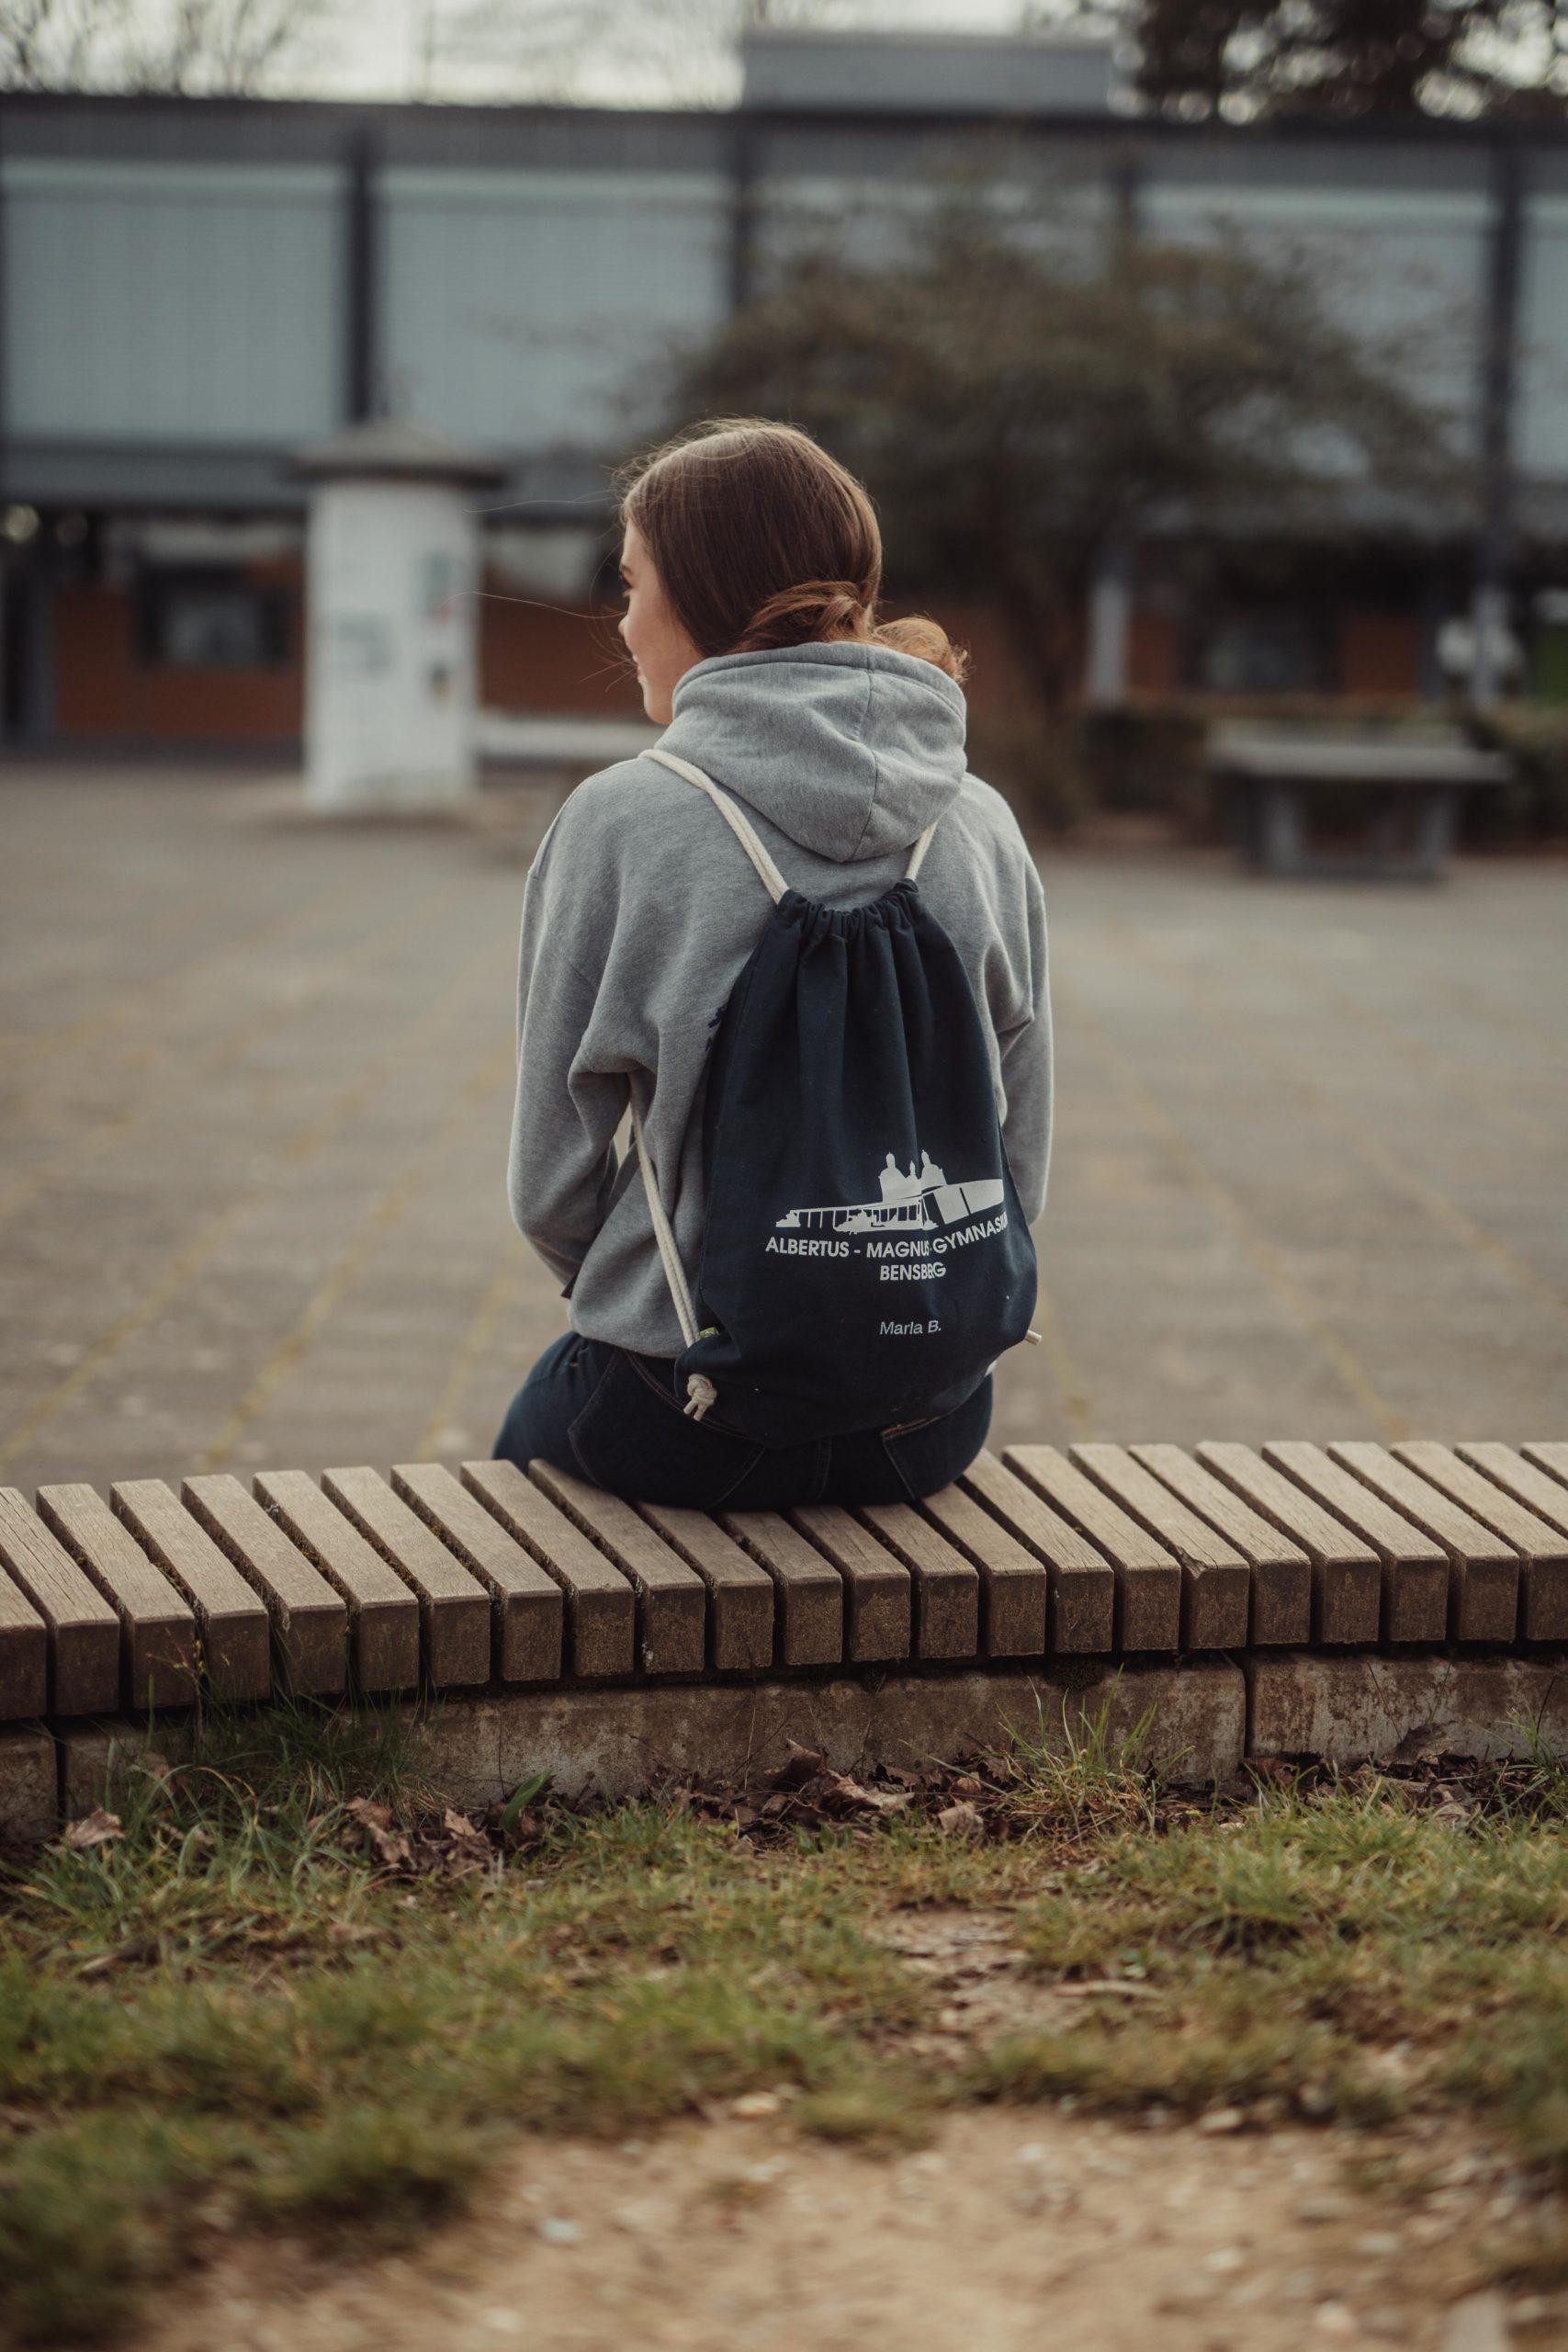 Schulkleidung_2021 (13 von 16)